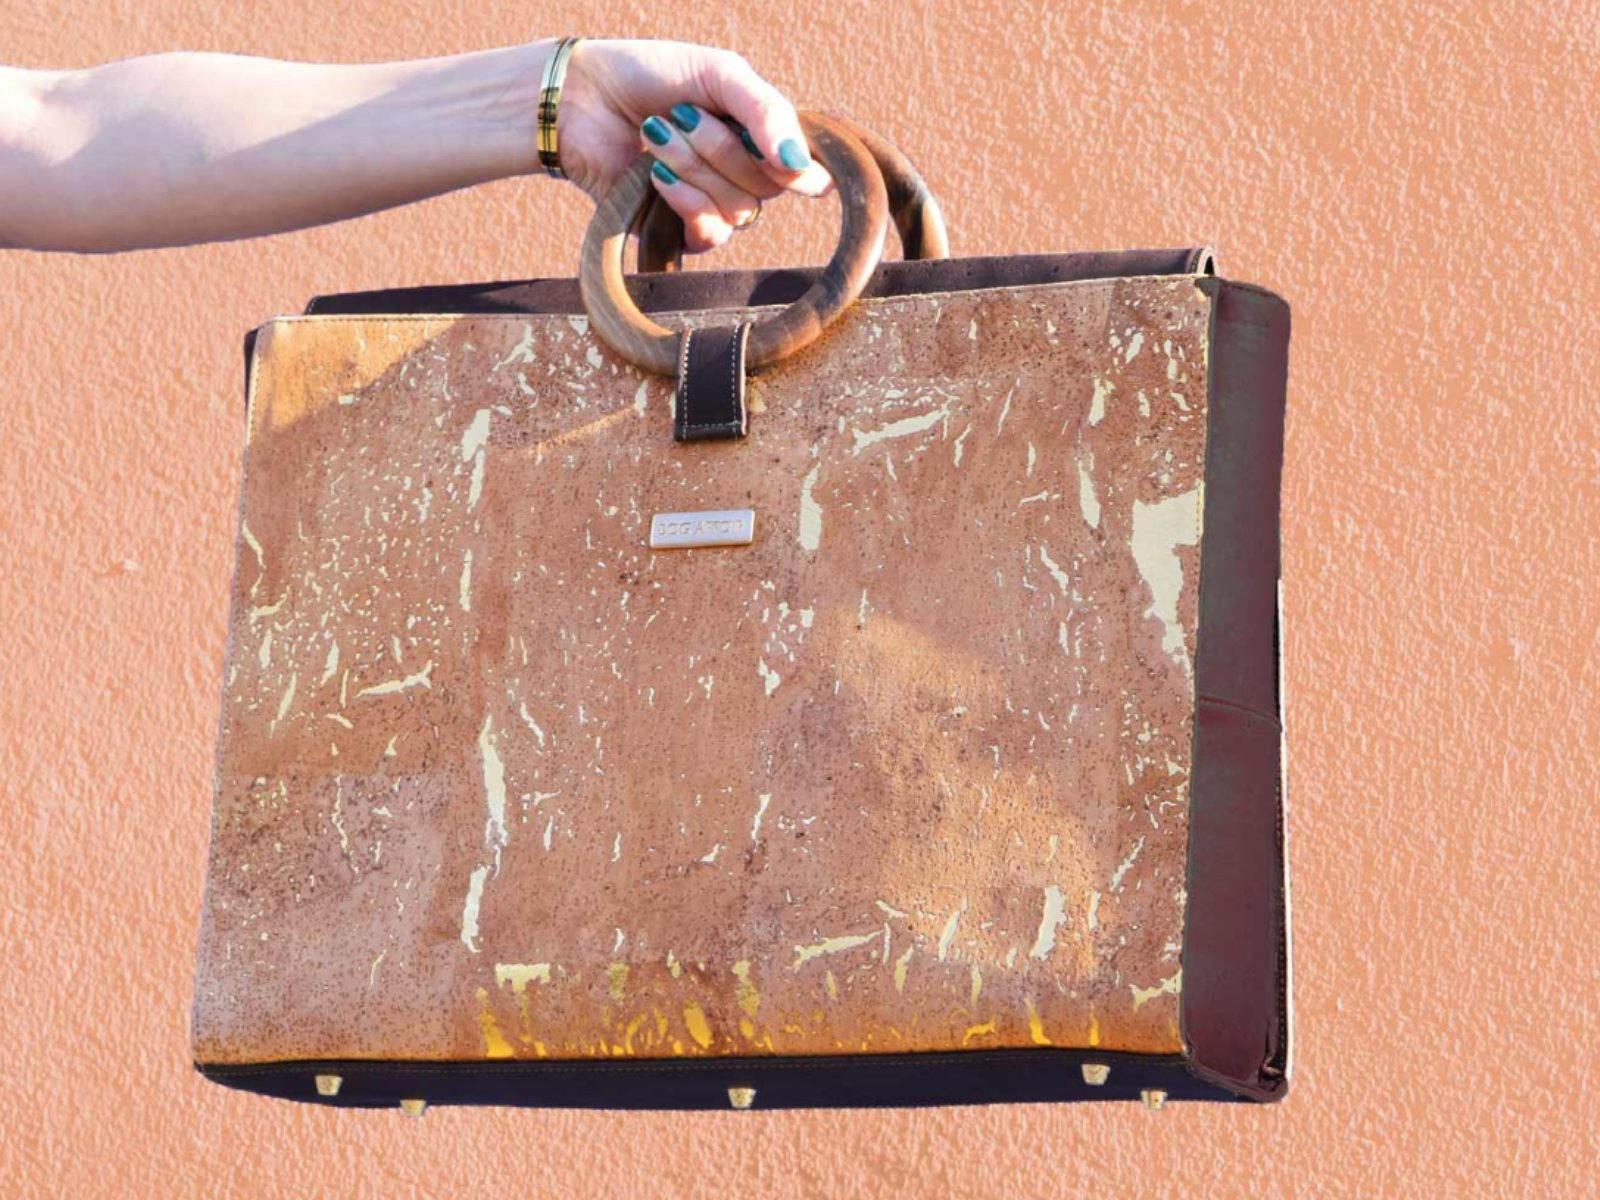 BAG AFFAIR - BOSSY laptop business bag sac travail en liège pour femme - modèle Bossy walnut wood